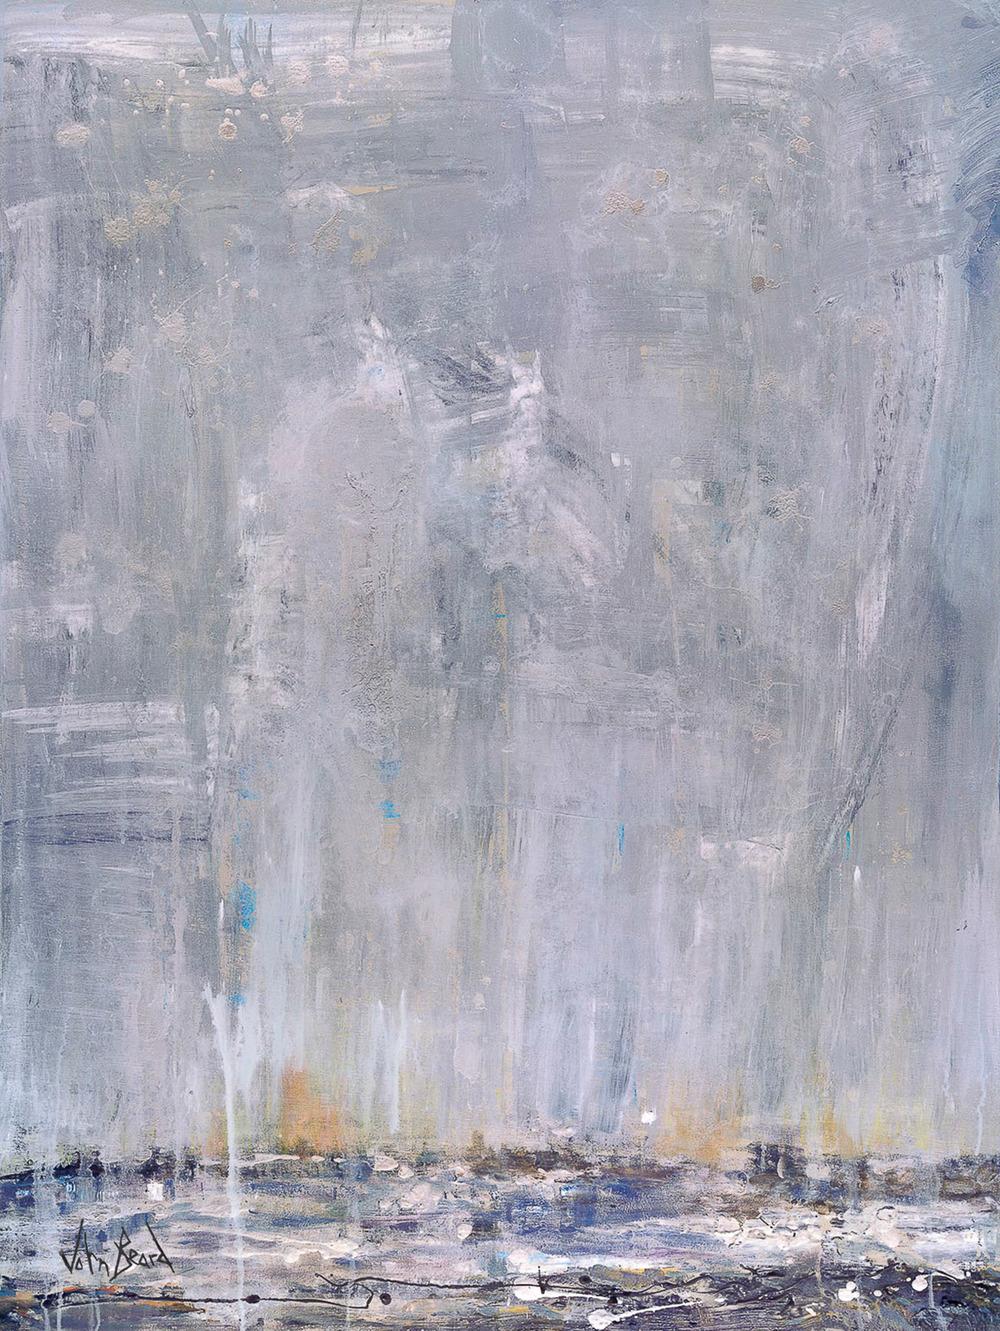 Blue Rain by John Beard, 40x60